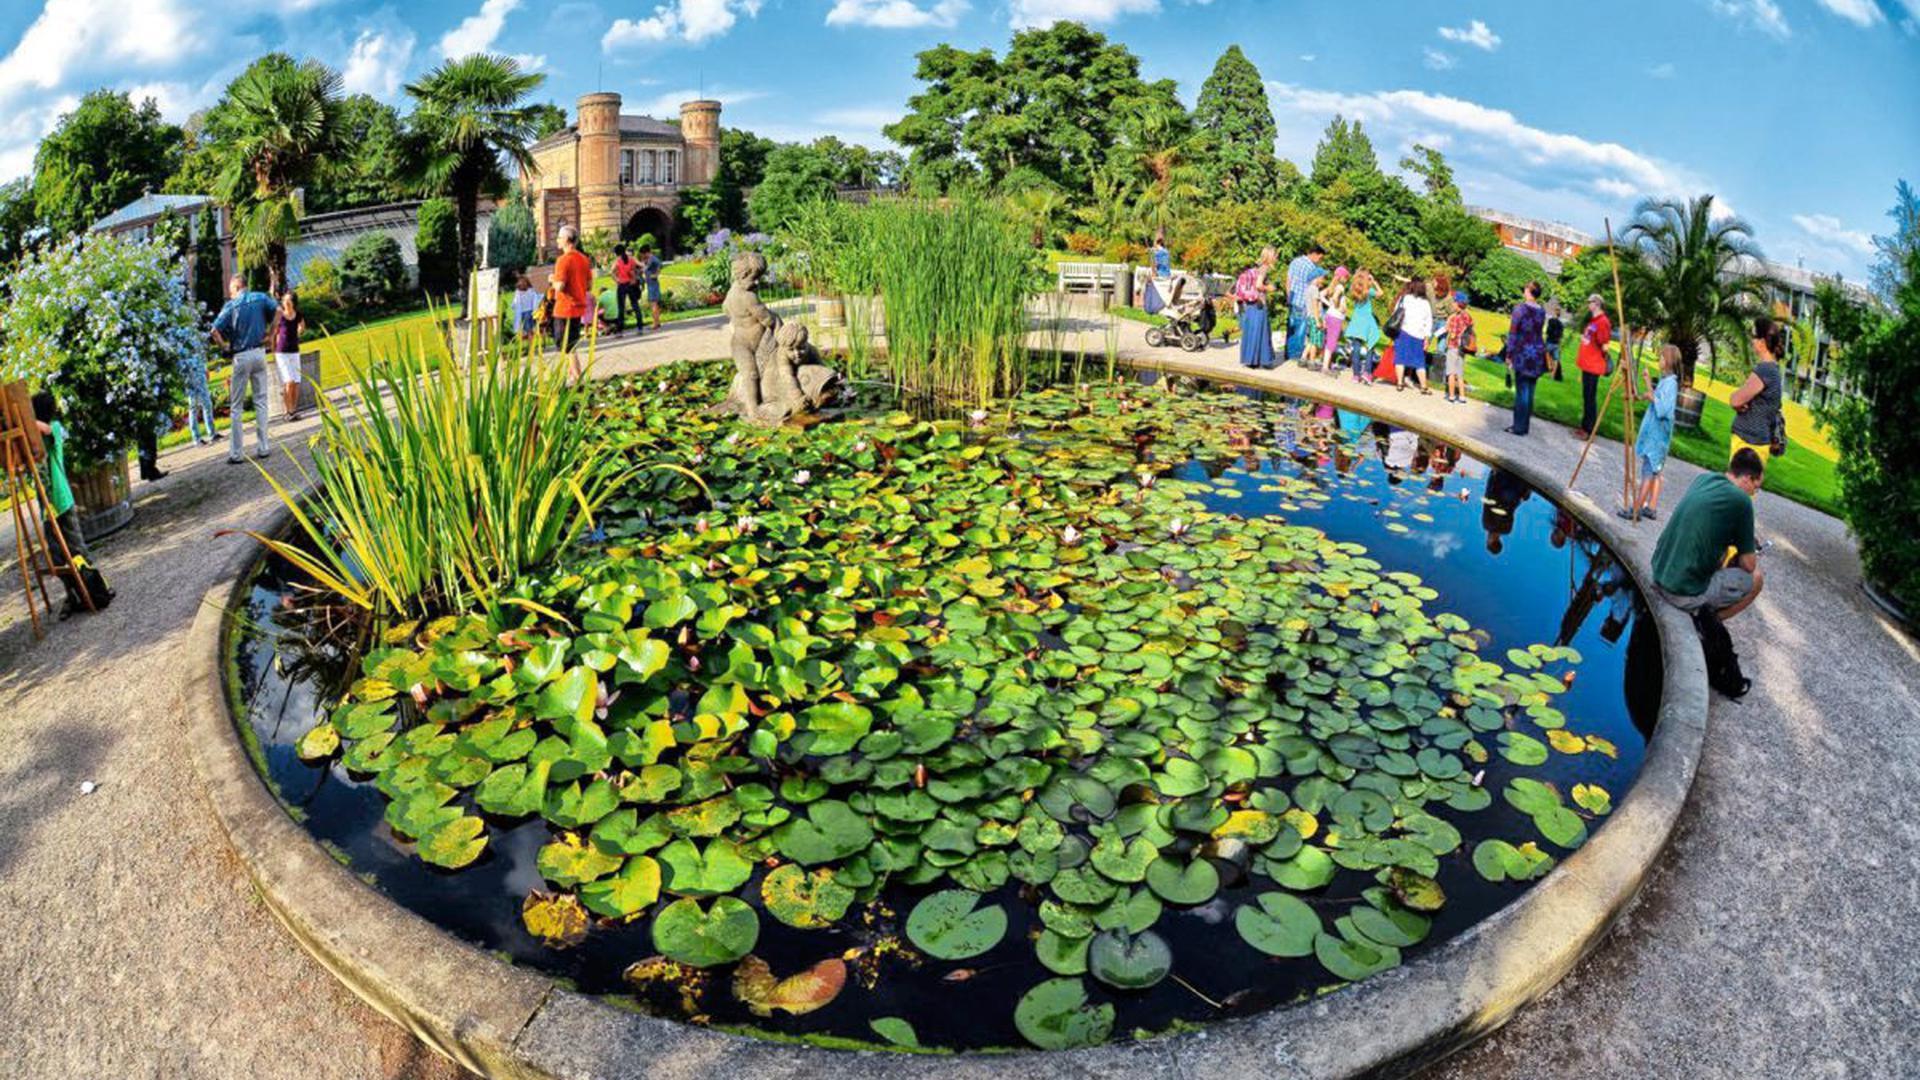 Rund um den Seerosenteich lassen sich im Botanischen Garten tolle Aufnahmen machen.